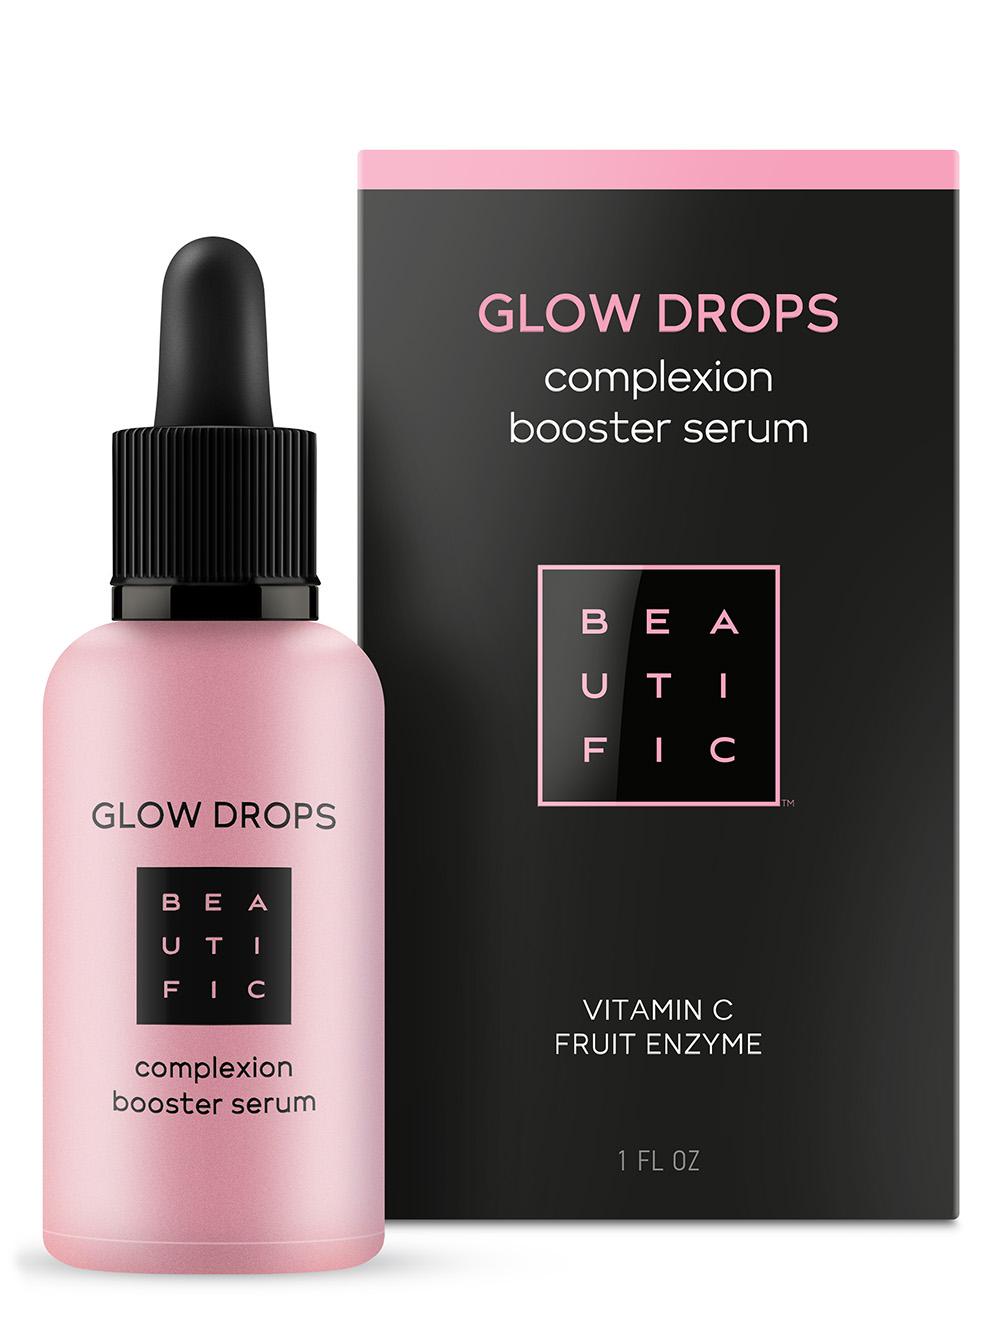 BEAUTIFIC Сыворотка-бустер для идеального цвета лица с витамином С / Glow Drops 30 мл фото